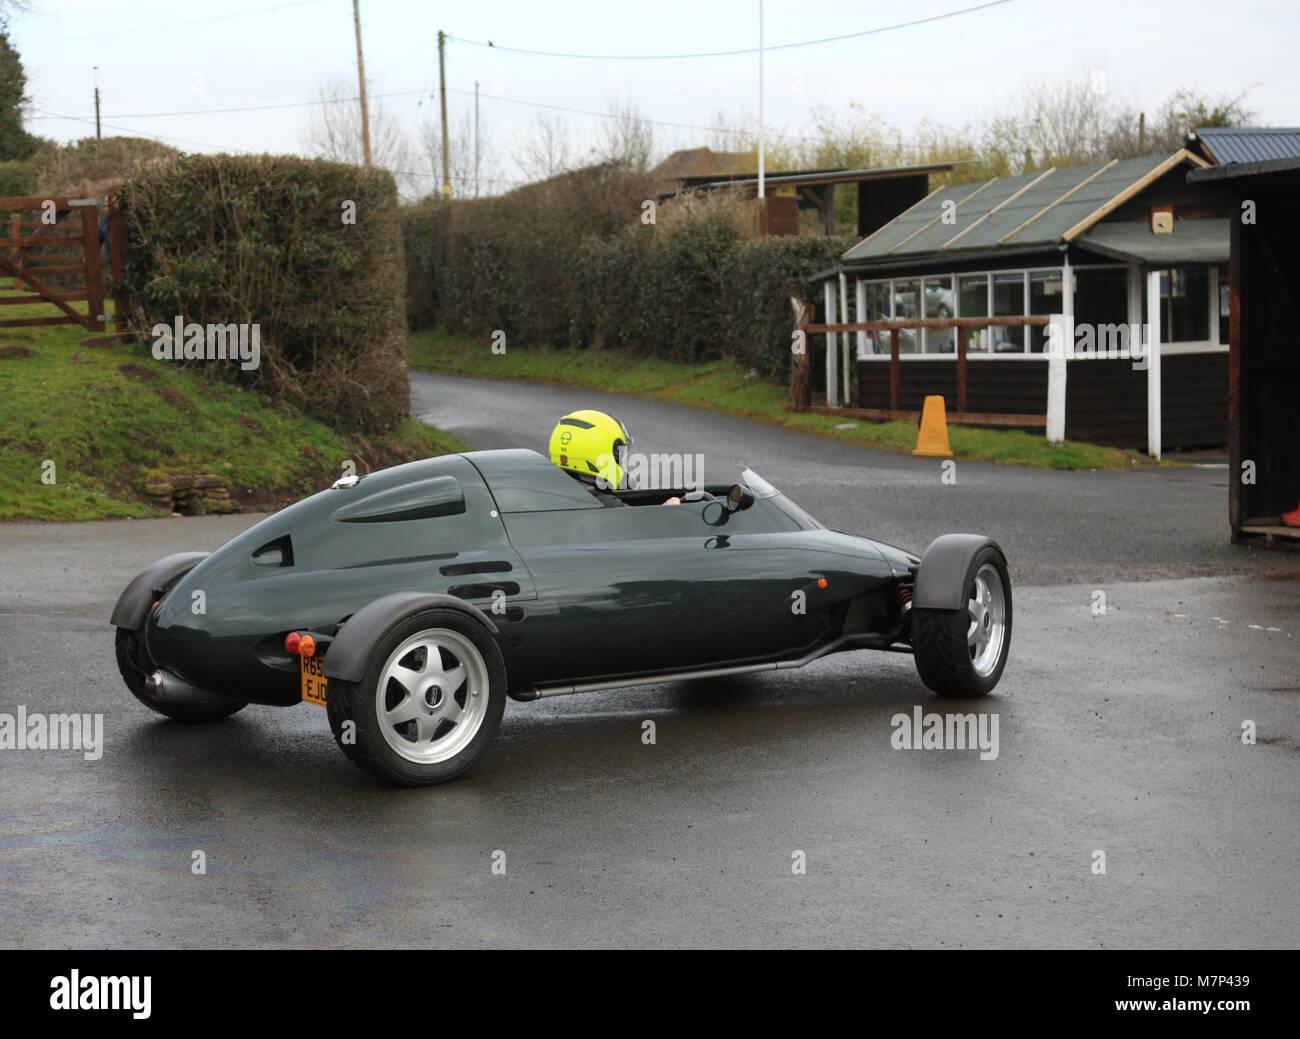 Rare Sports Car Stock Photos & Rare Sports Car Stock Images - Alamy